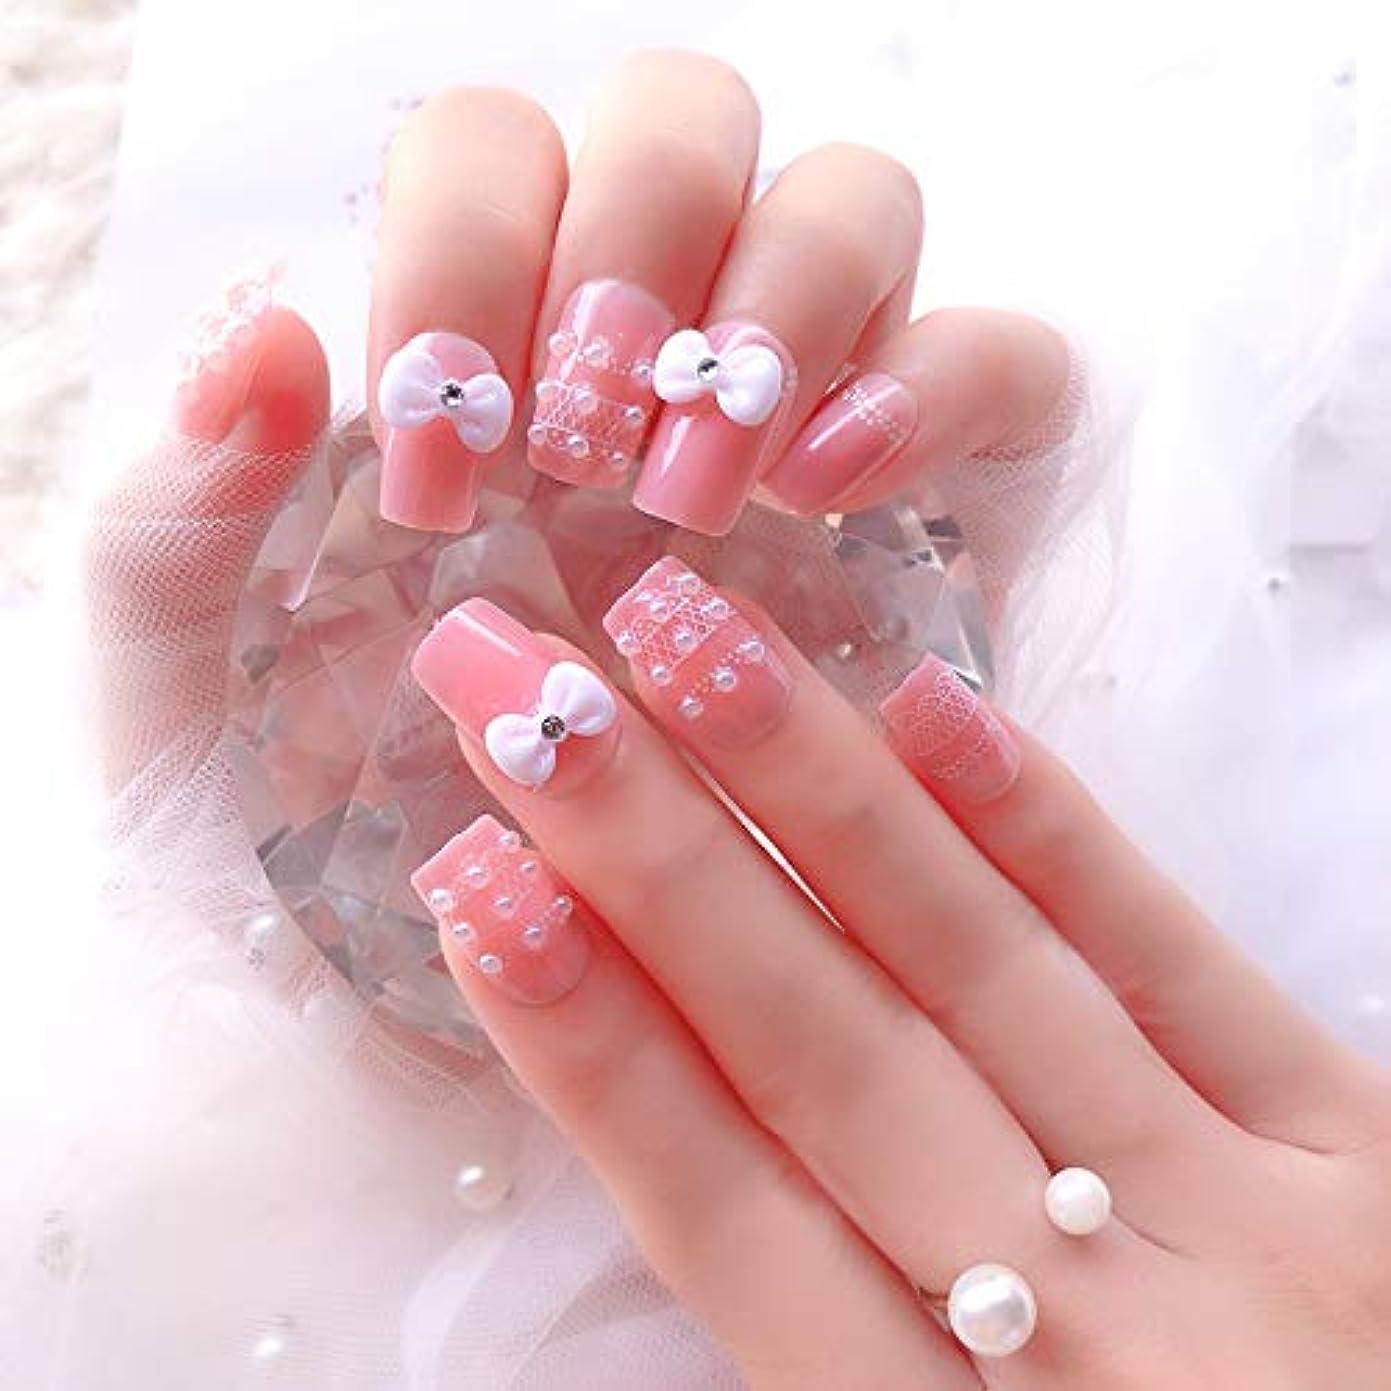 仲人息切れ見て花嫁ネイル 手作りネイルチップ 和装 ネイル 24枚入 結婚式、パーティー、二次会など 可愛い優雅ネイル 蝶の飾り付け (ピンク)